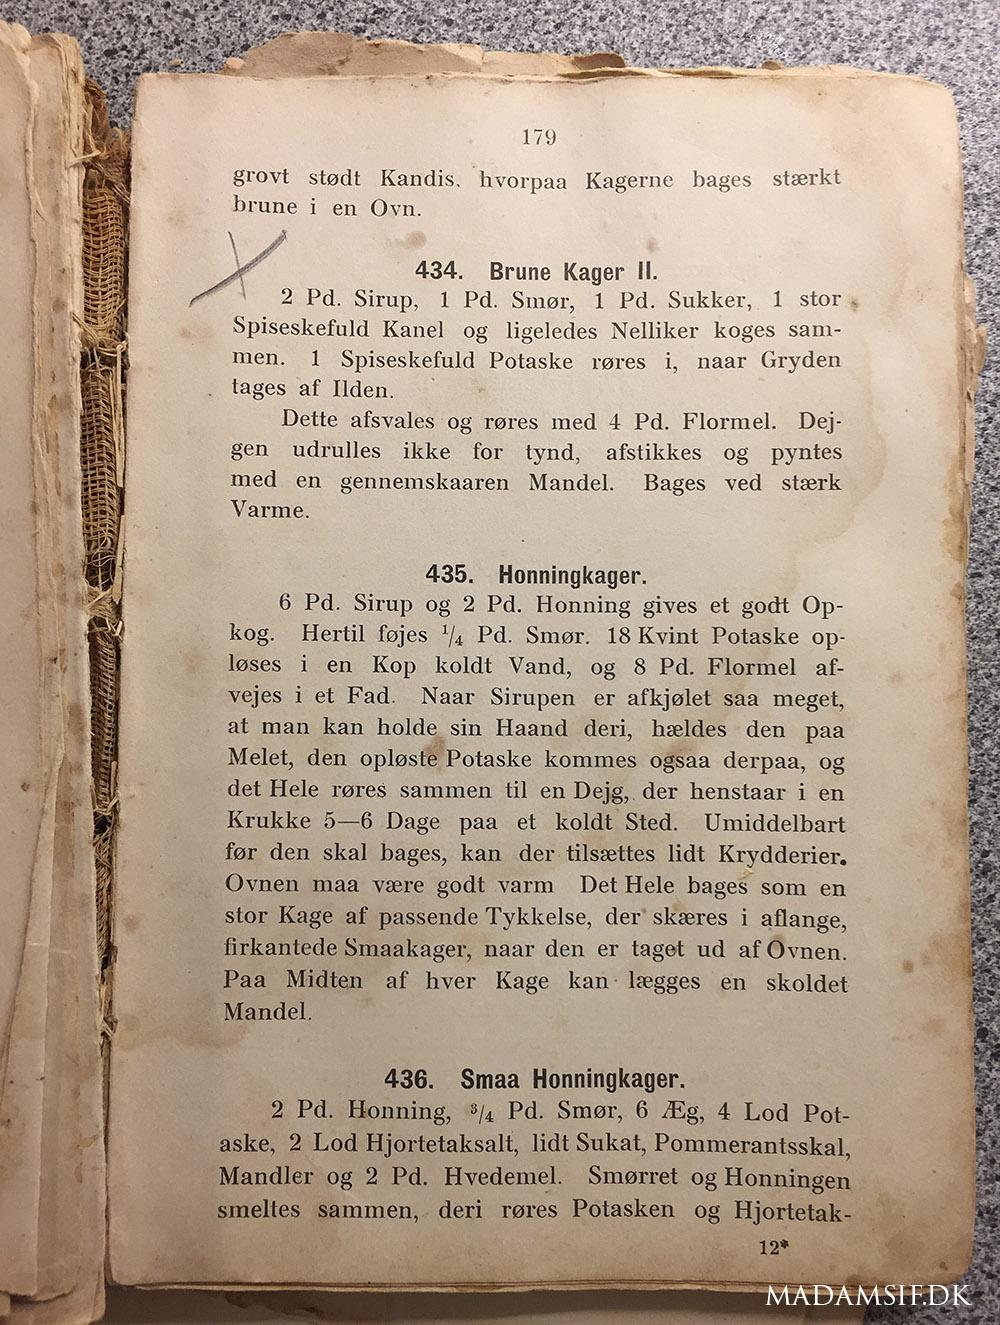 """Brunkageopskrift fra mit lasede eksemplar af """"Kogebog for Land og By"""", 1901. Denne bog var en gave fra en gavmild bloglæser, hvilket jeg stadig synes er helt vildt."""